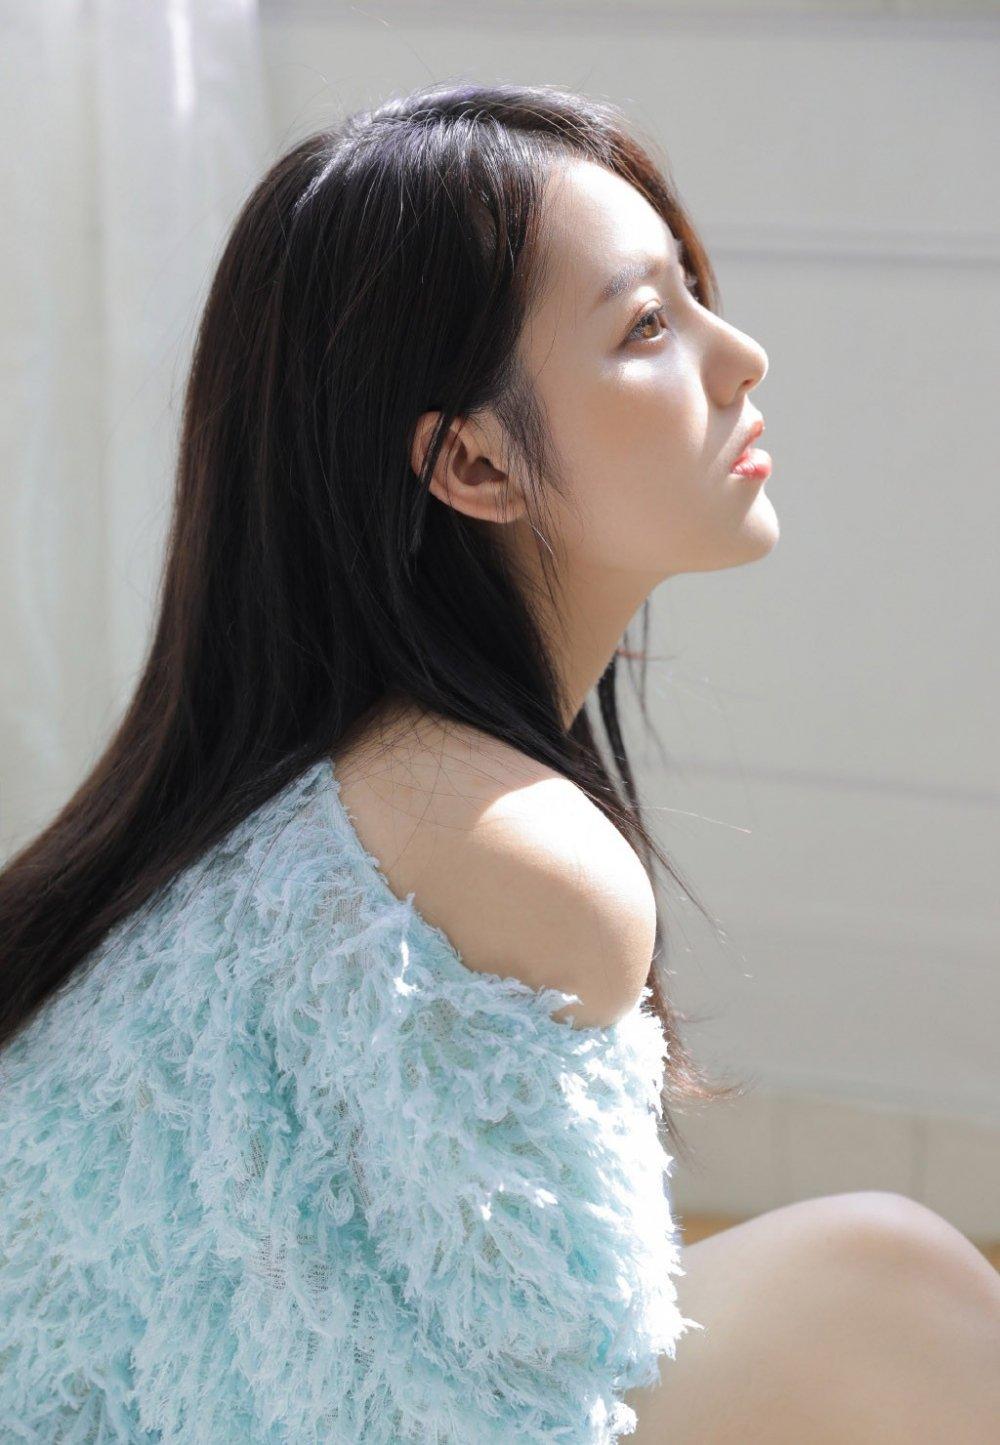 牛奶肌白皙美女修长美腿诱人写真